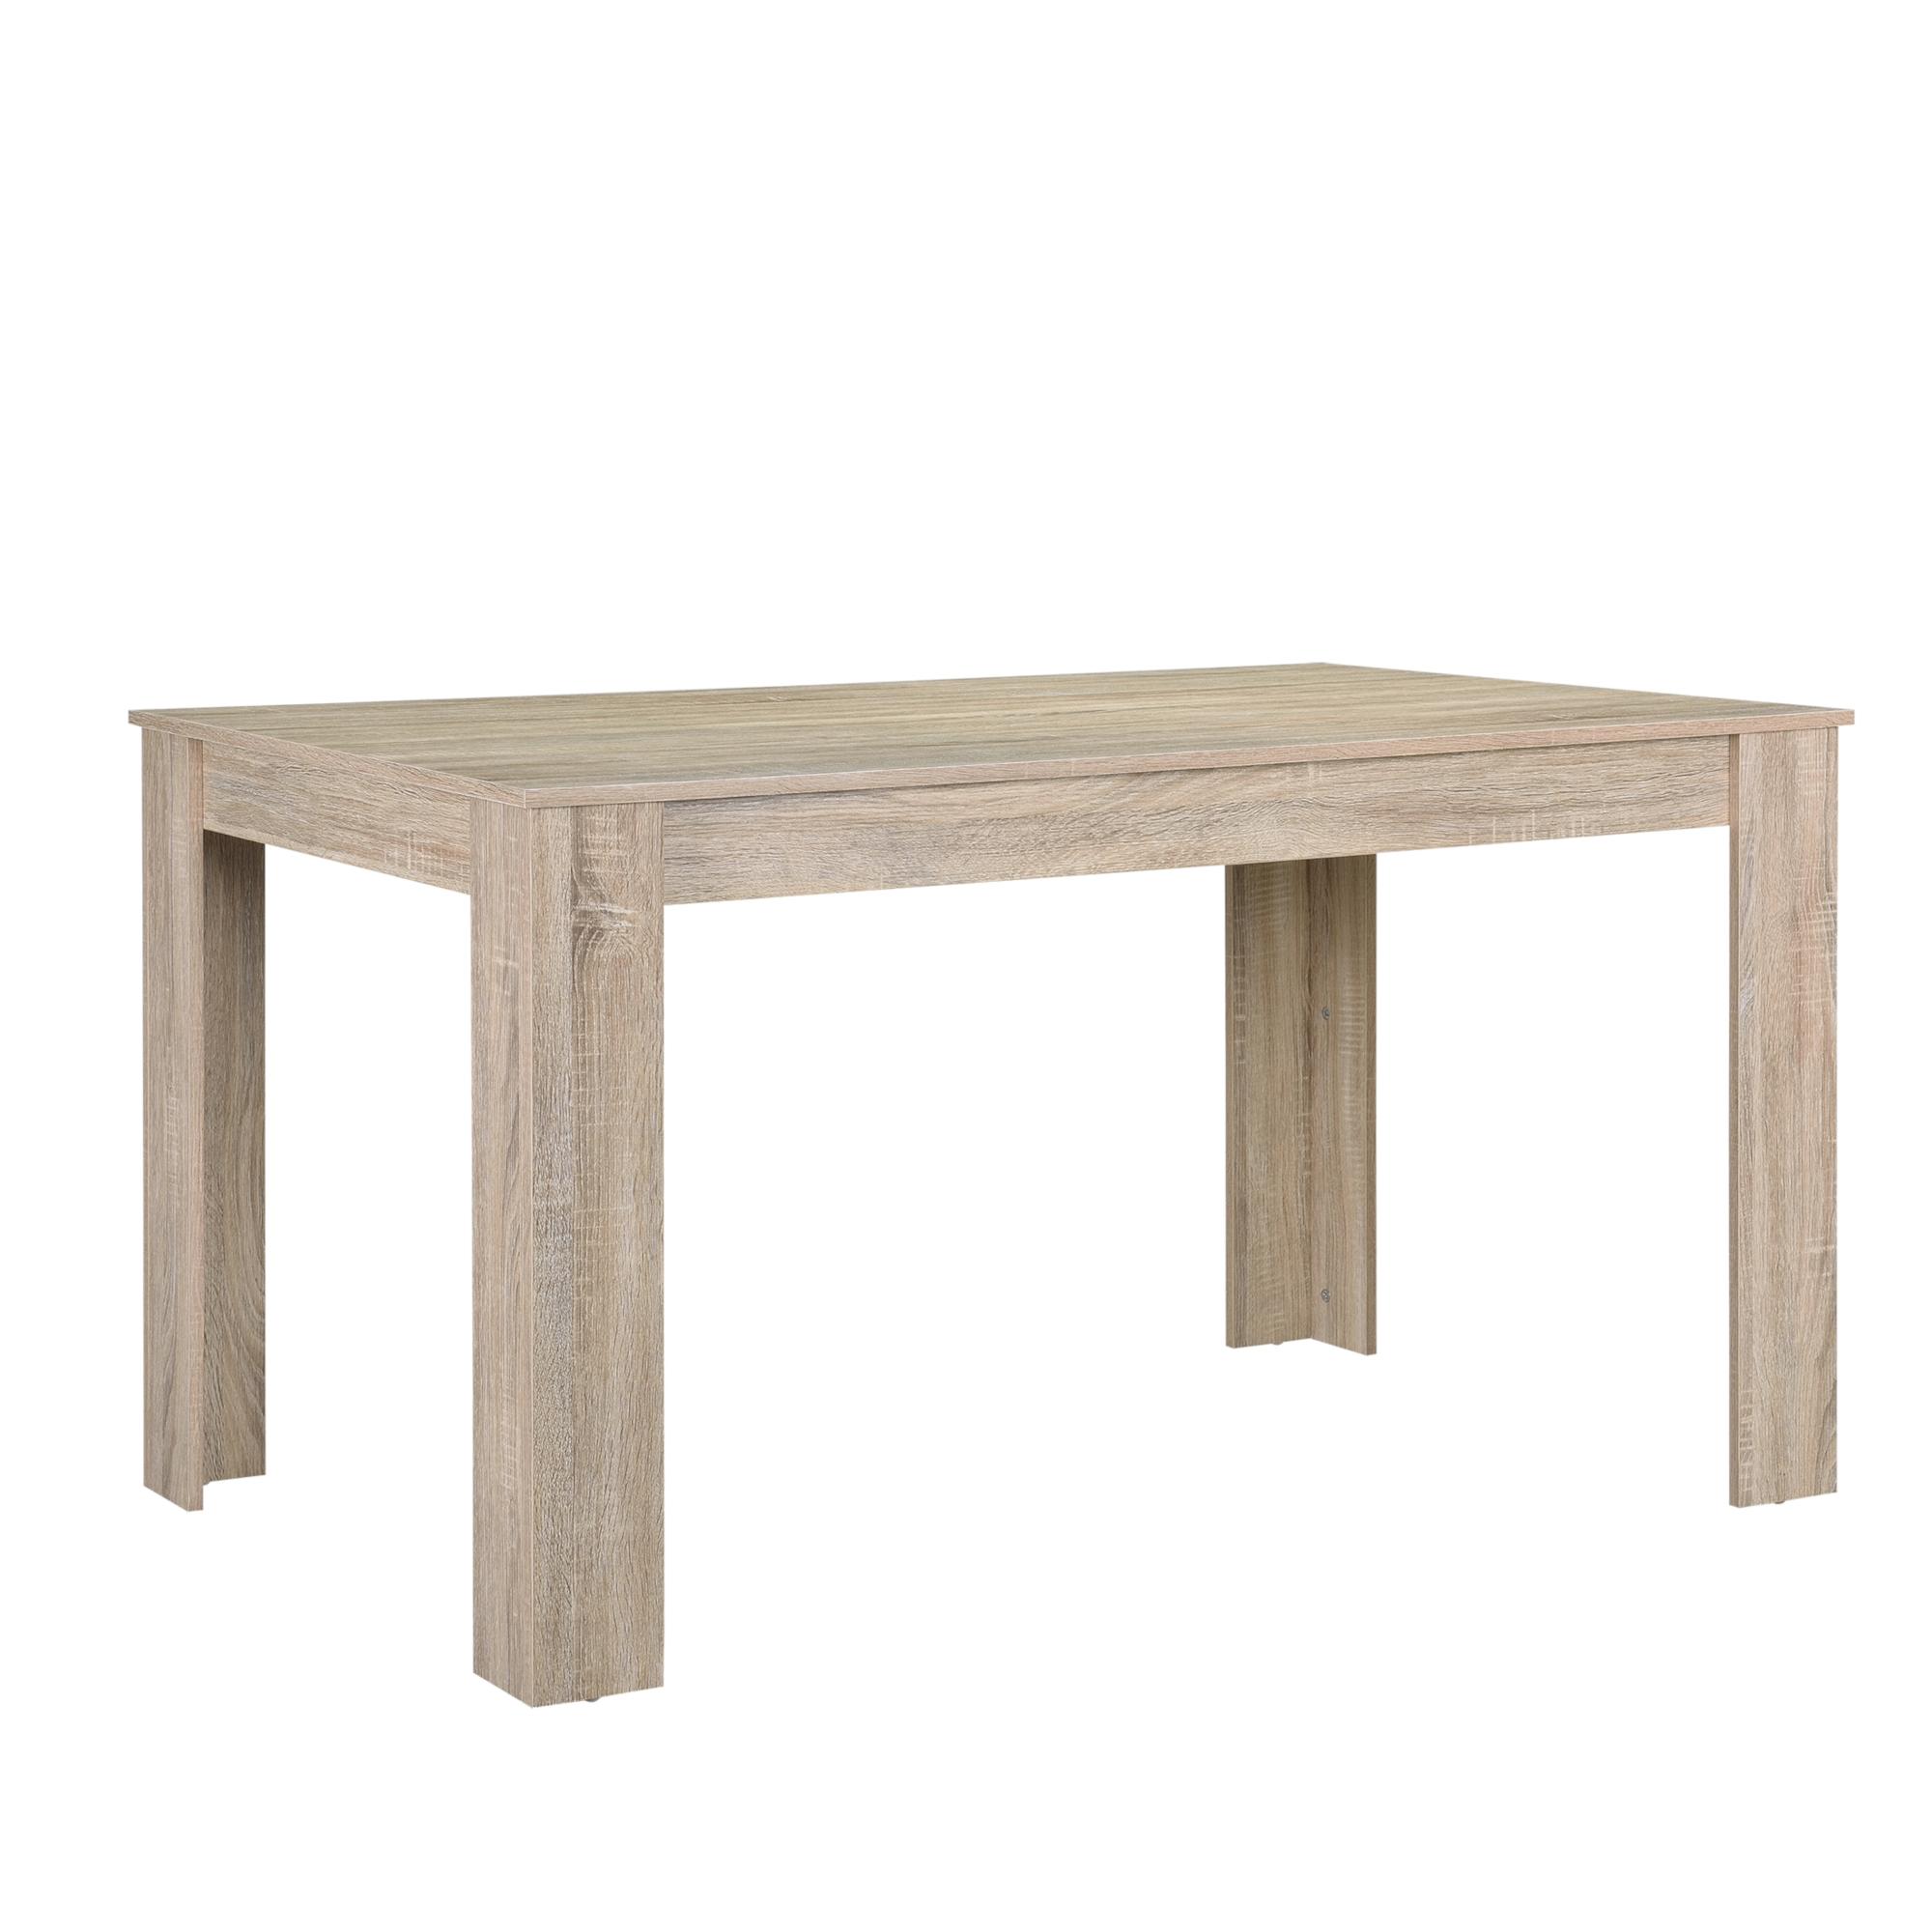 esstisch gek lkte eiche mit 6 st hlen braun 140x90 tisch st hle modern ebay. Black Bedroom Furniture Sets. Home Design Ideas